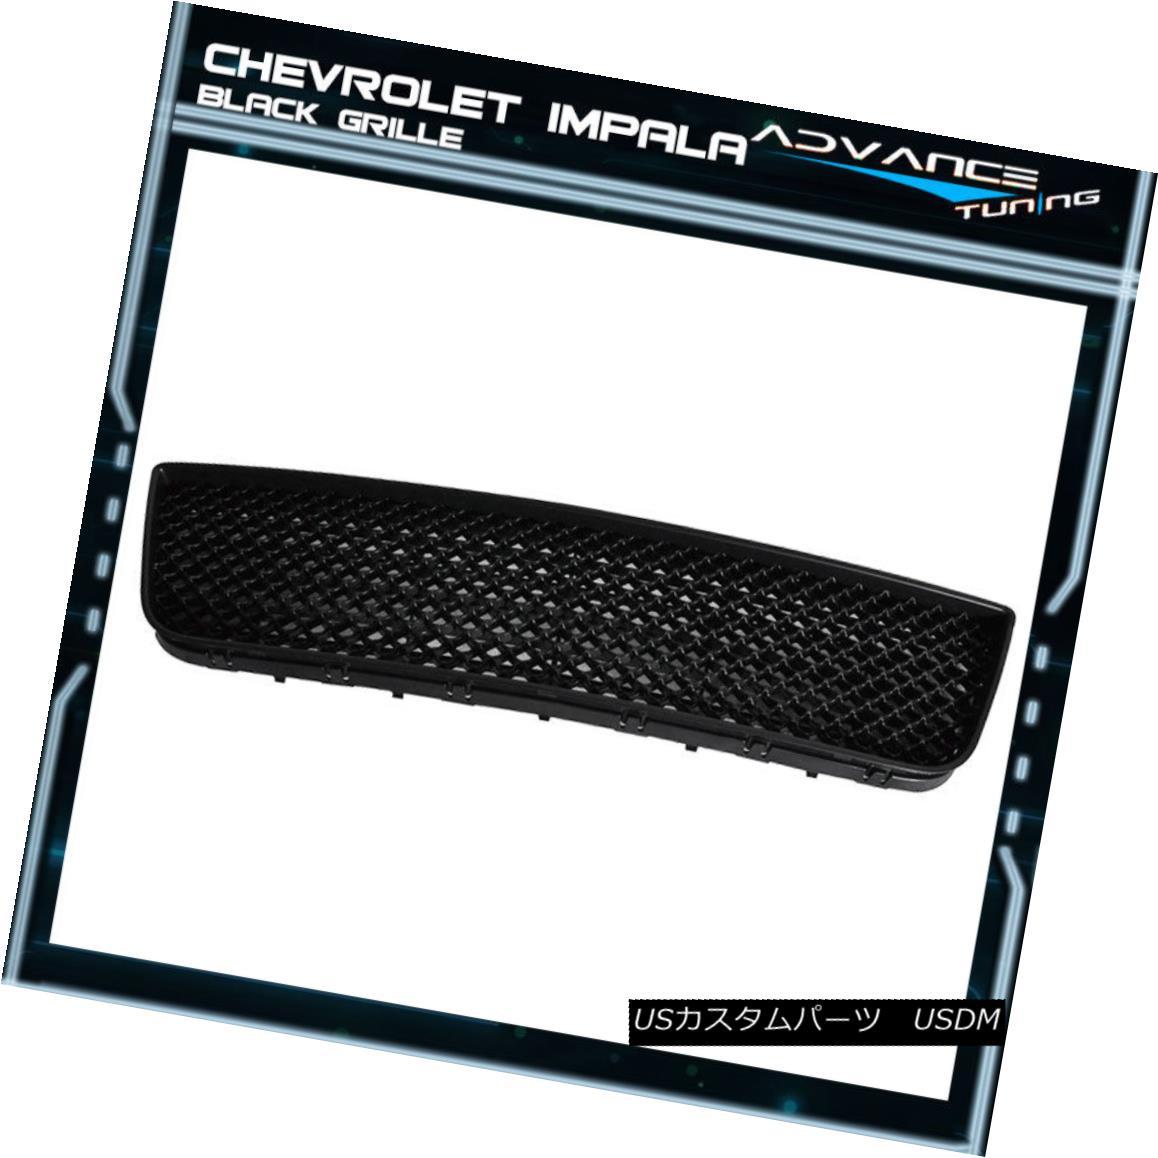 グリル Fits 06-11 Chevy Impala Lower Hood Mesh Grille Black ABS Honeycomb LT LS LTZ フィット06-11チェビーインパラロワーフードメッシュグリルブラックABSハニカムLT LS LTZ